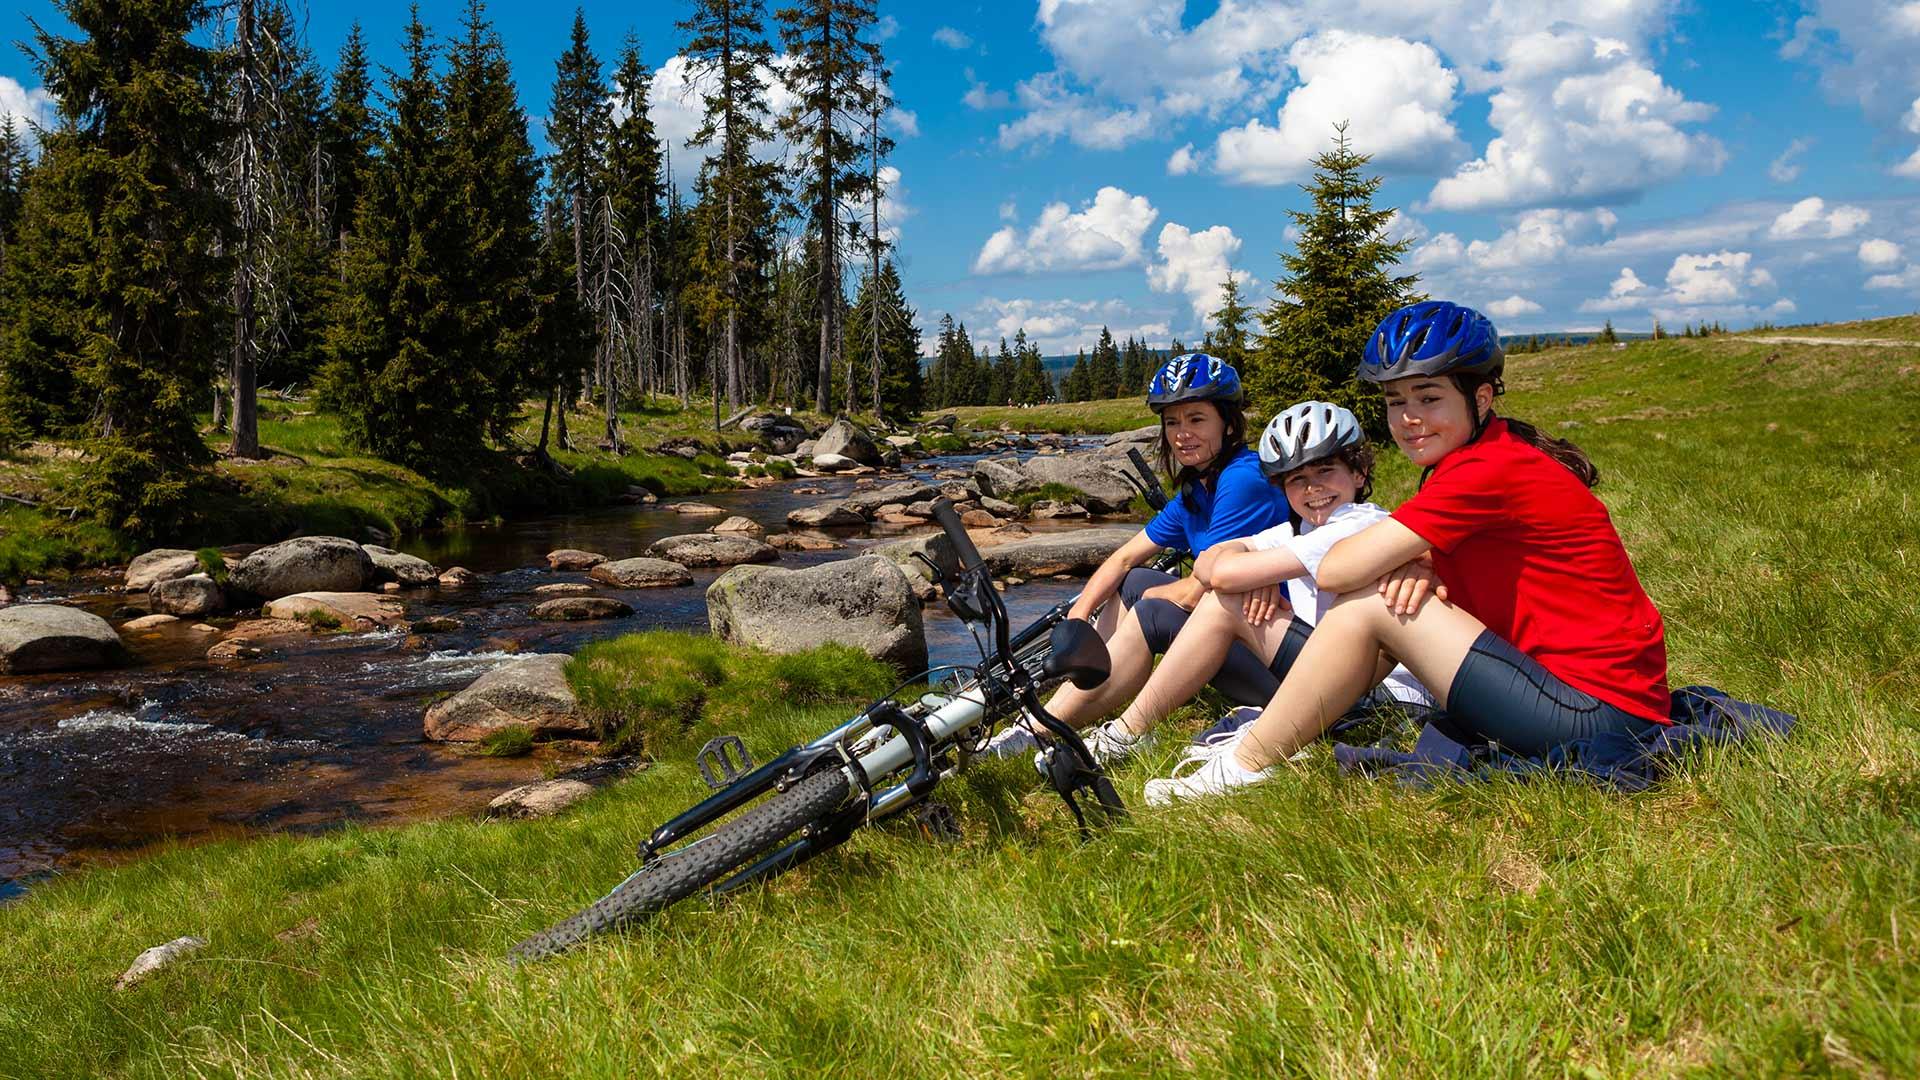 Gita in bicicletta